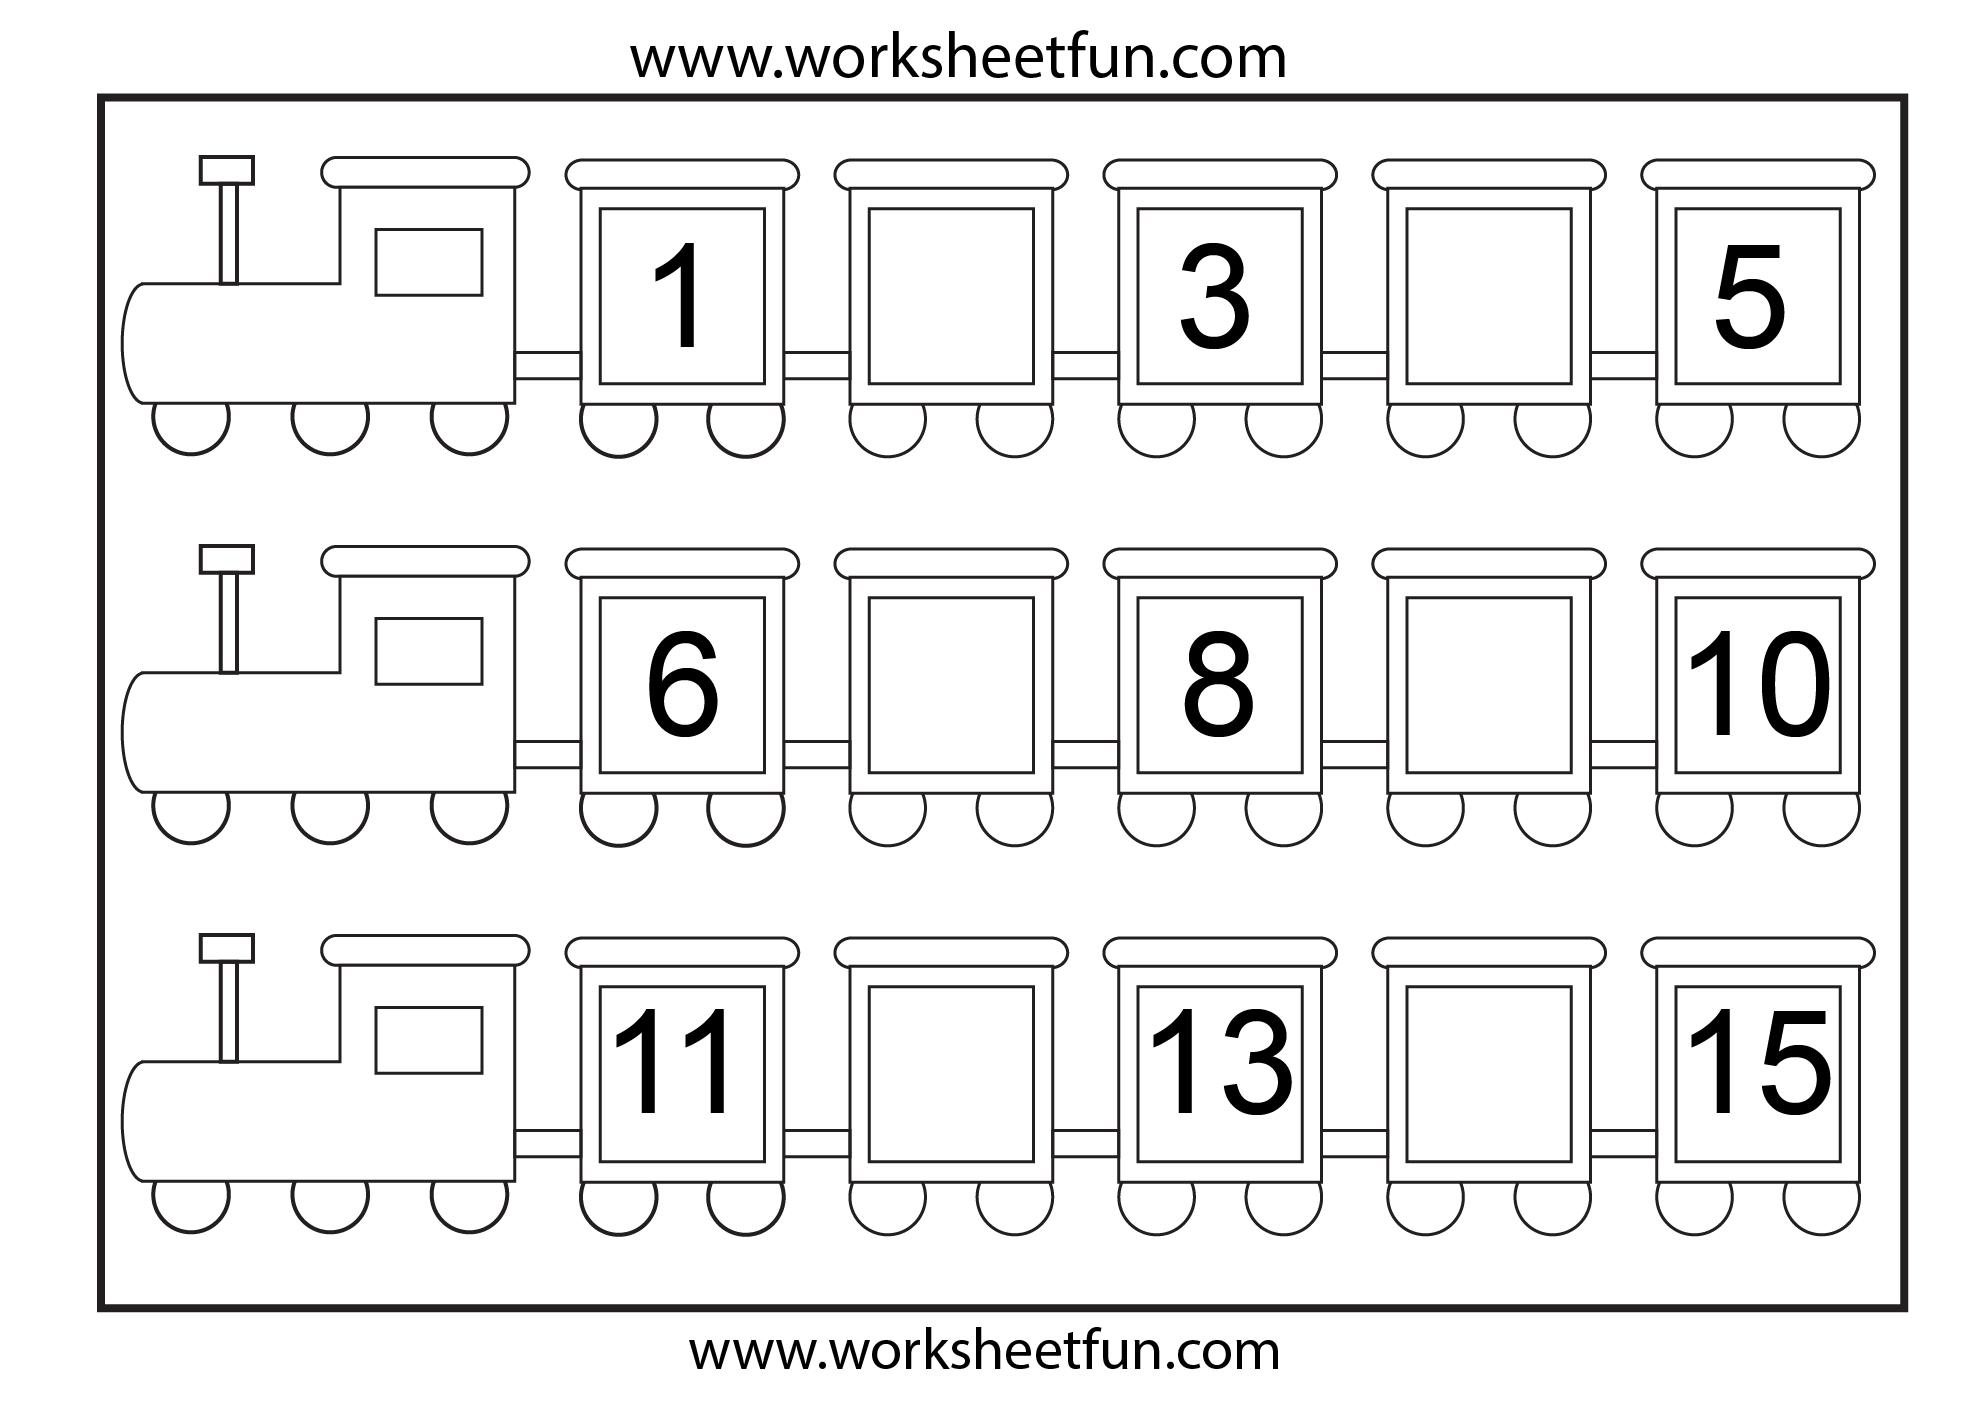 Missing Number Worksheet New 365 Missing Number Worksheets